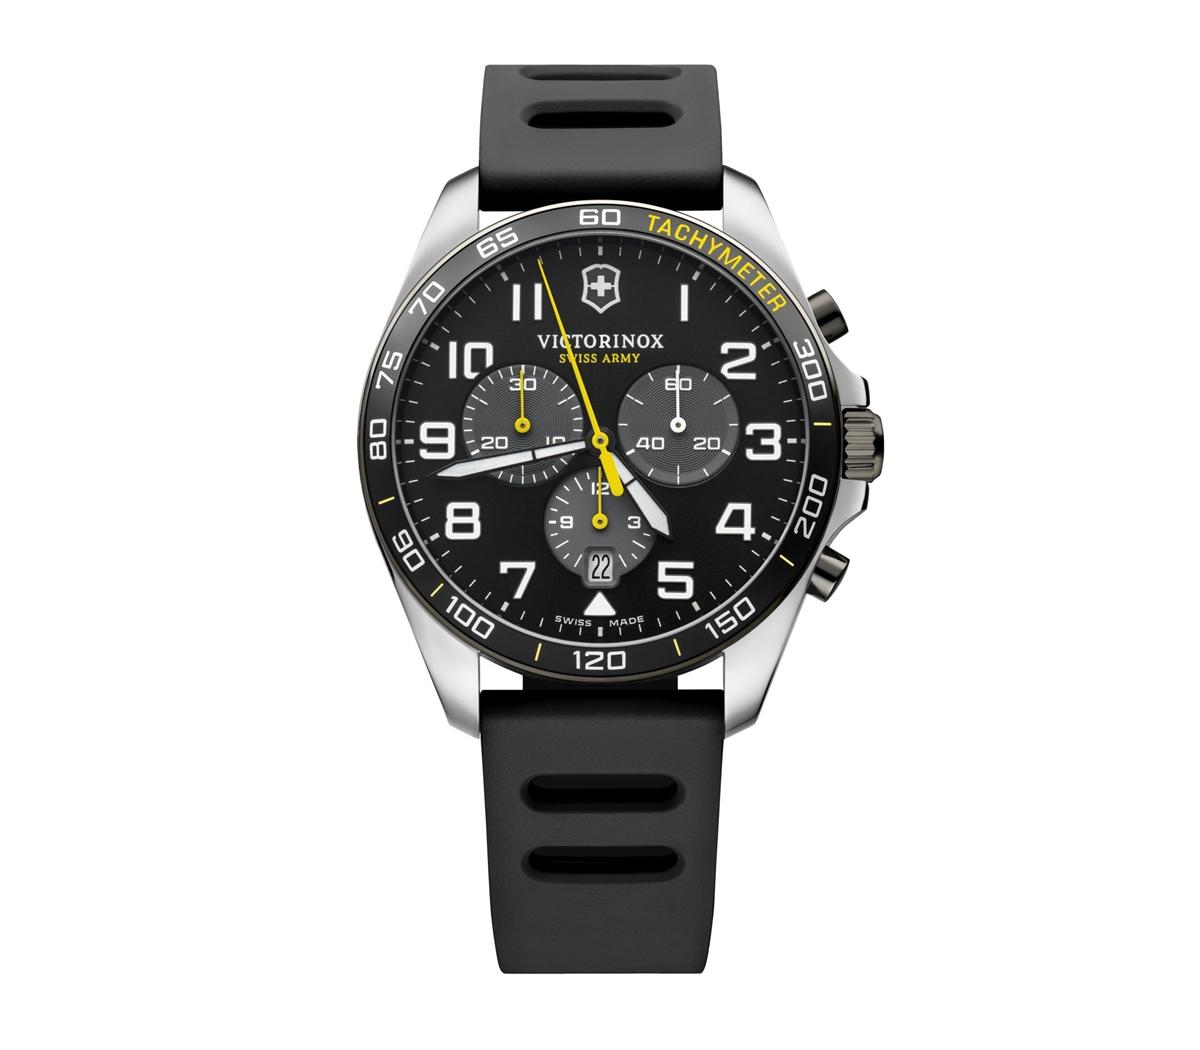 ビクトリノックス VICTORINOX 241892 フィールドフォース スポーツ クロノ 正規品 腕時計